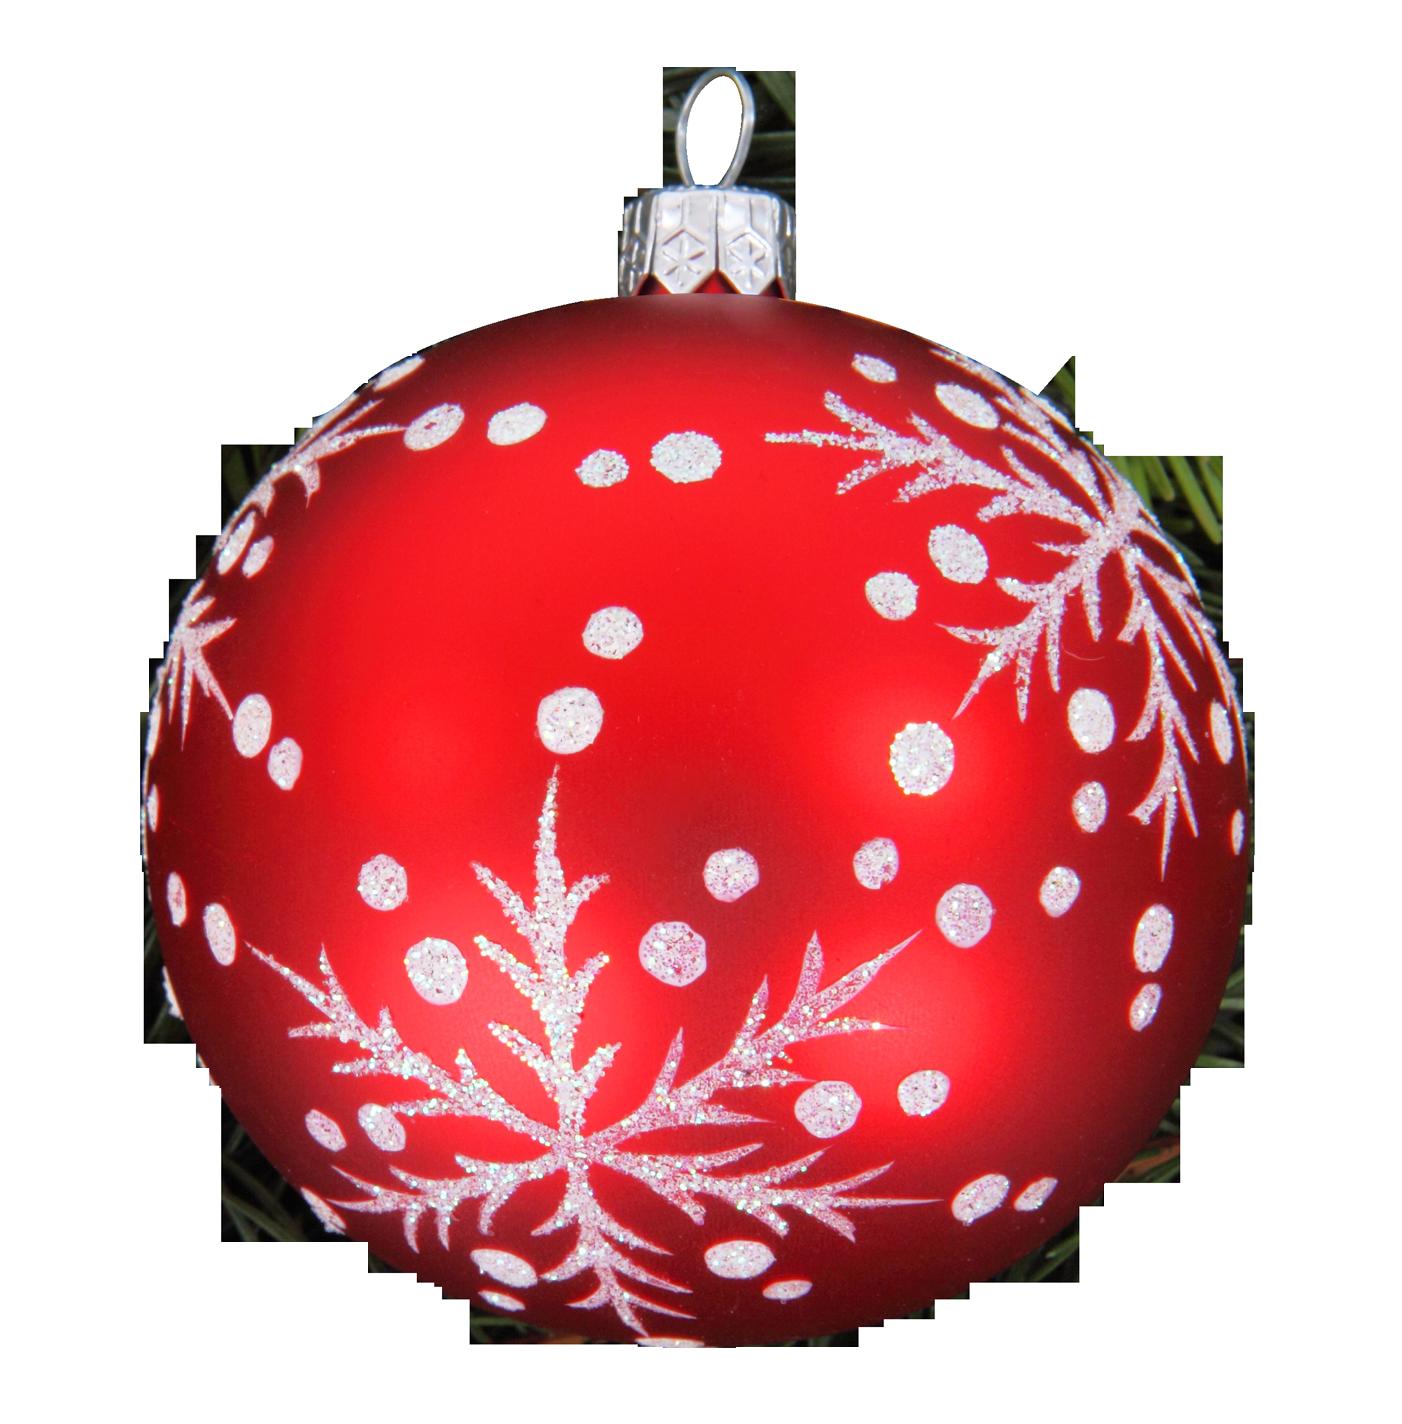 Christmas Ball PNG - 16830